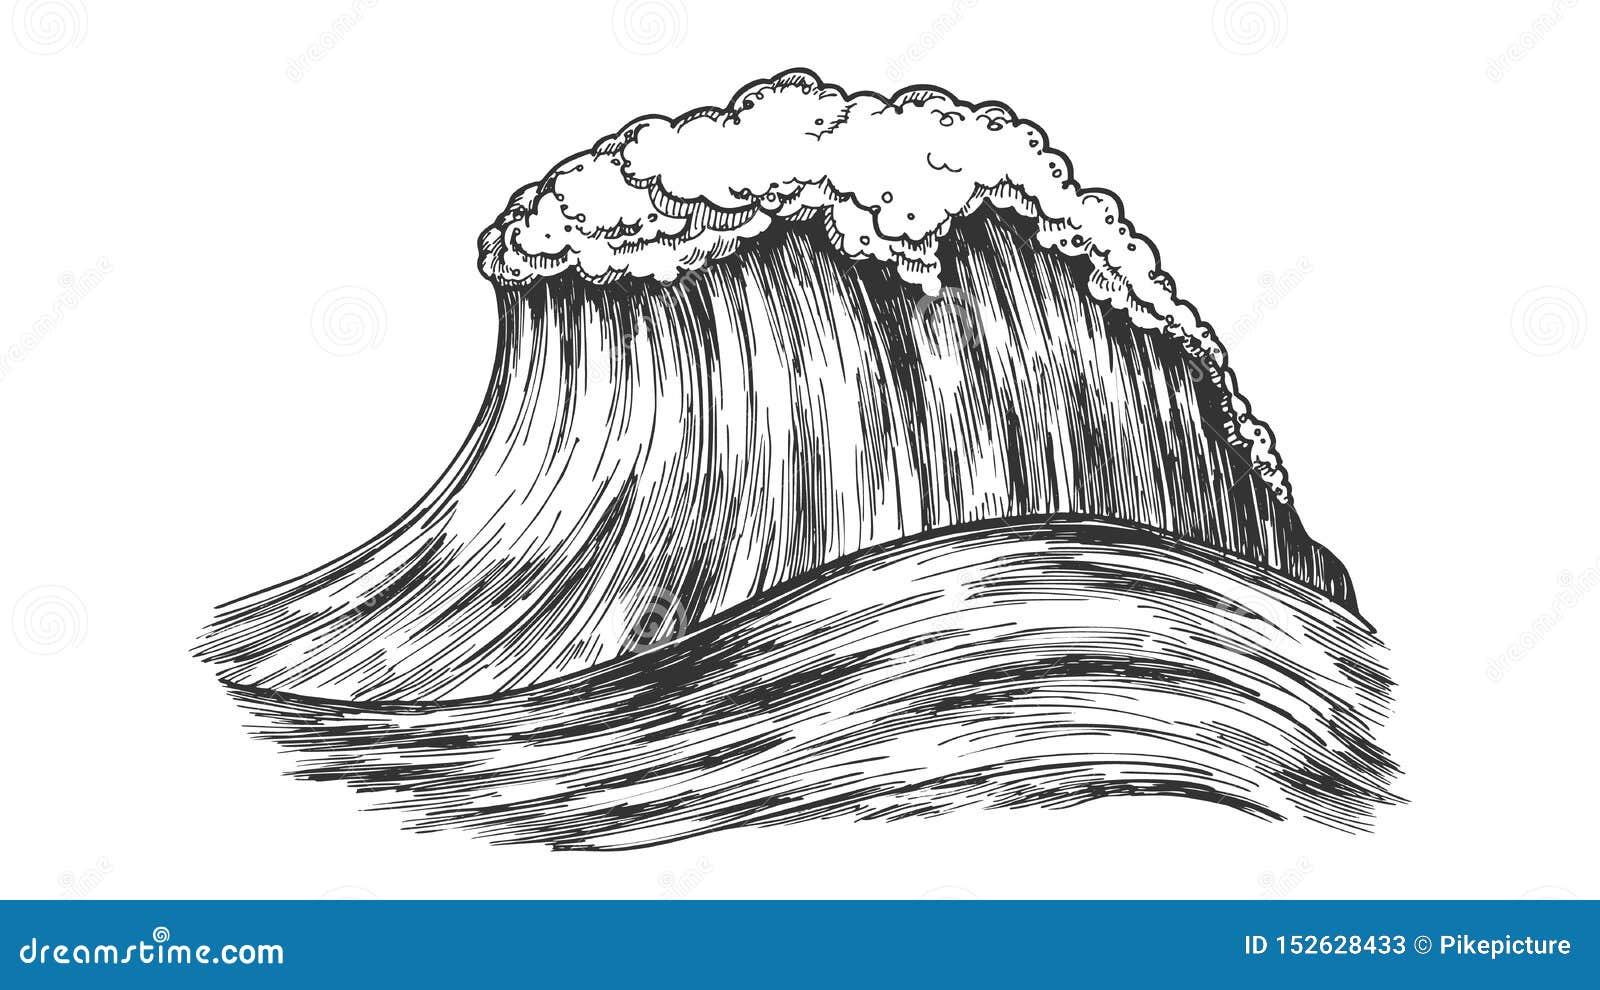 Grote Schuimende Tropische Oceaanmarine wave storm vector